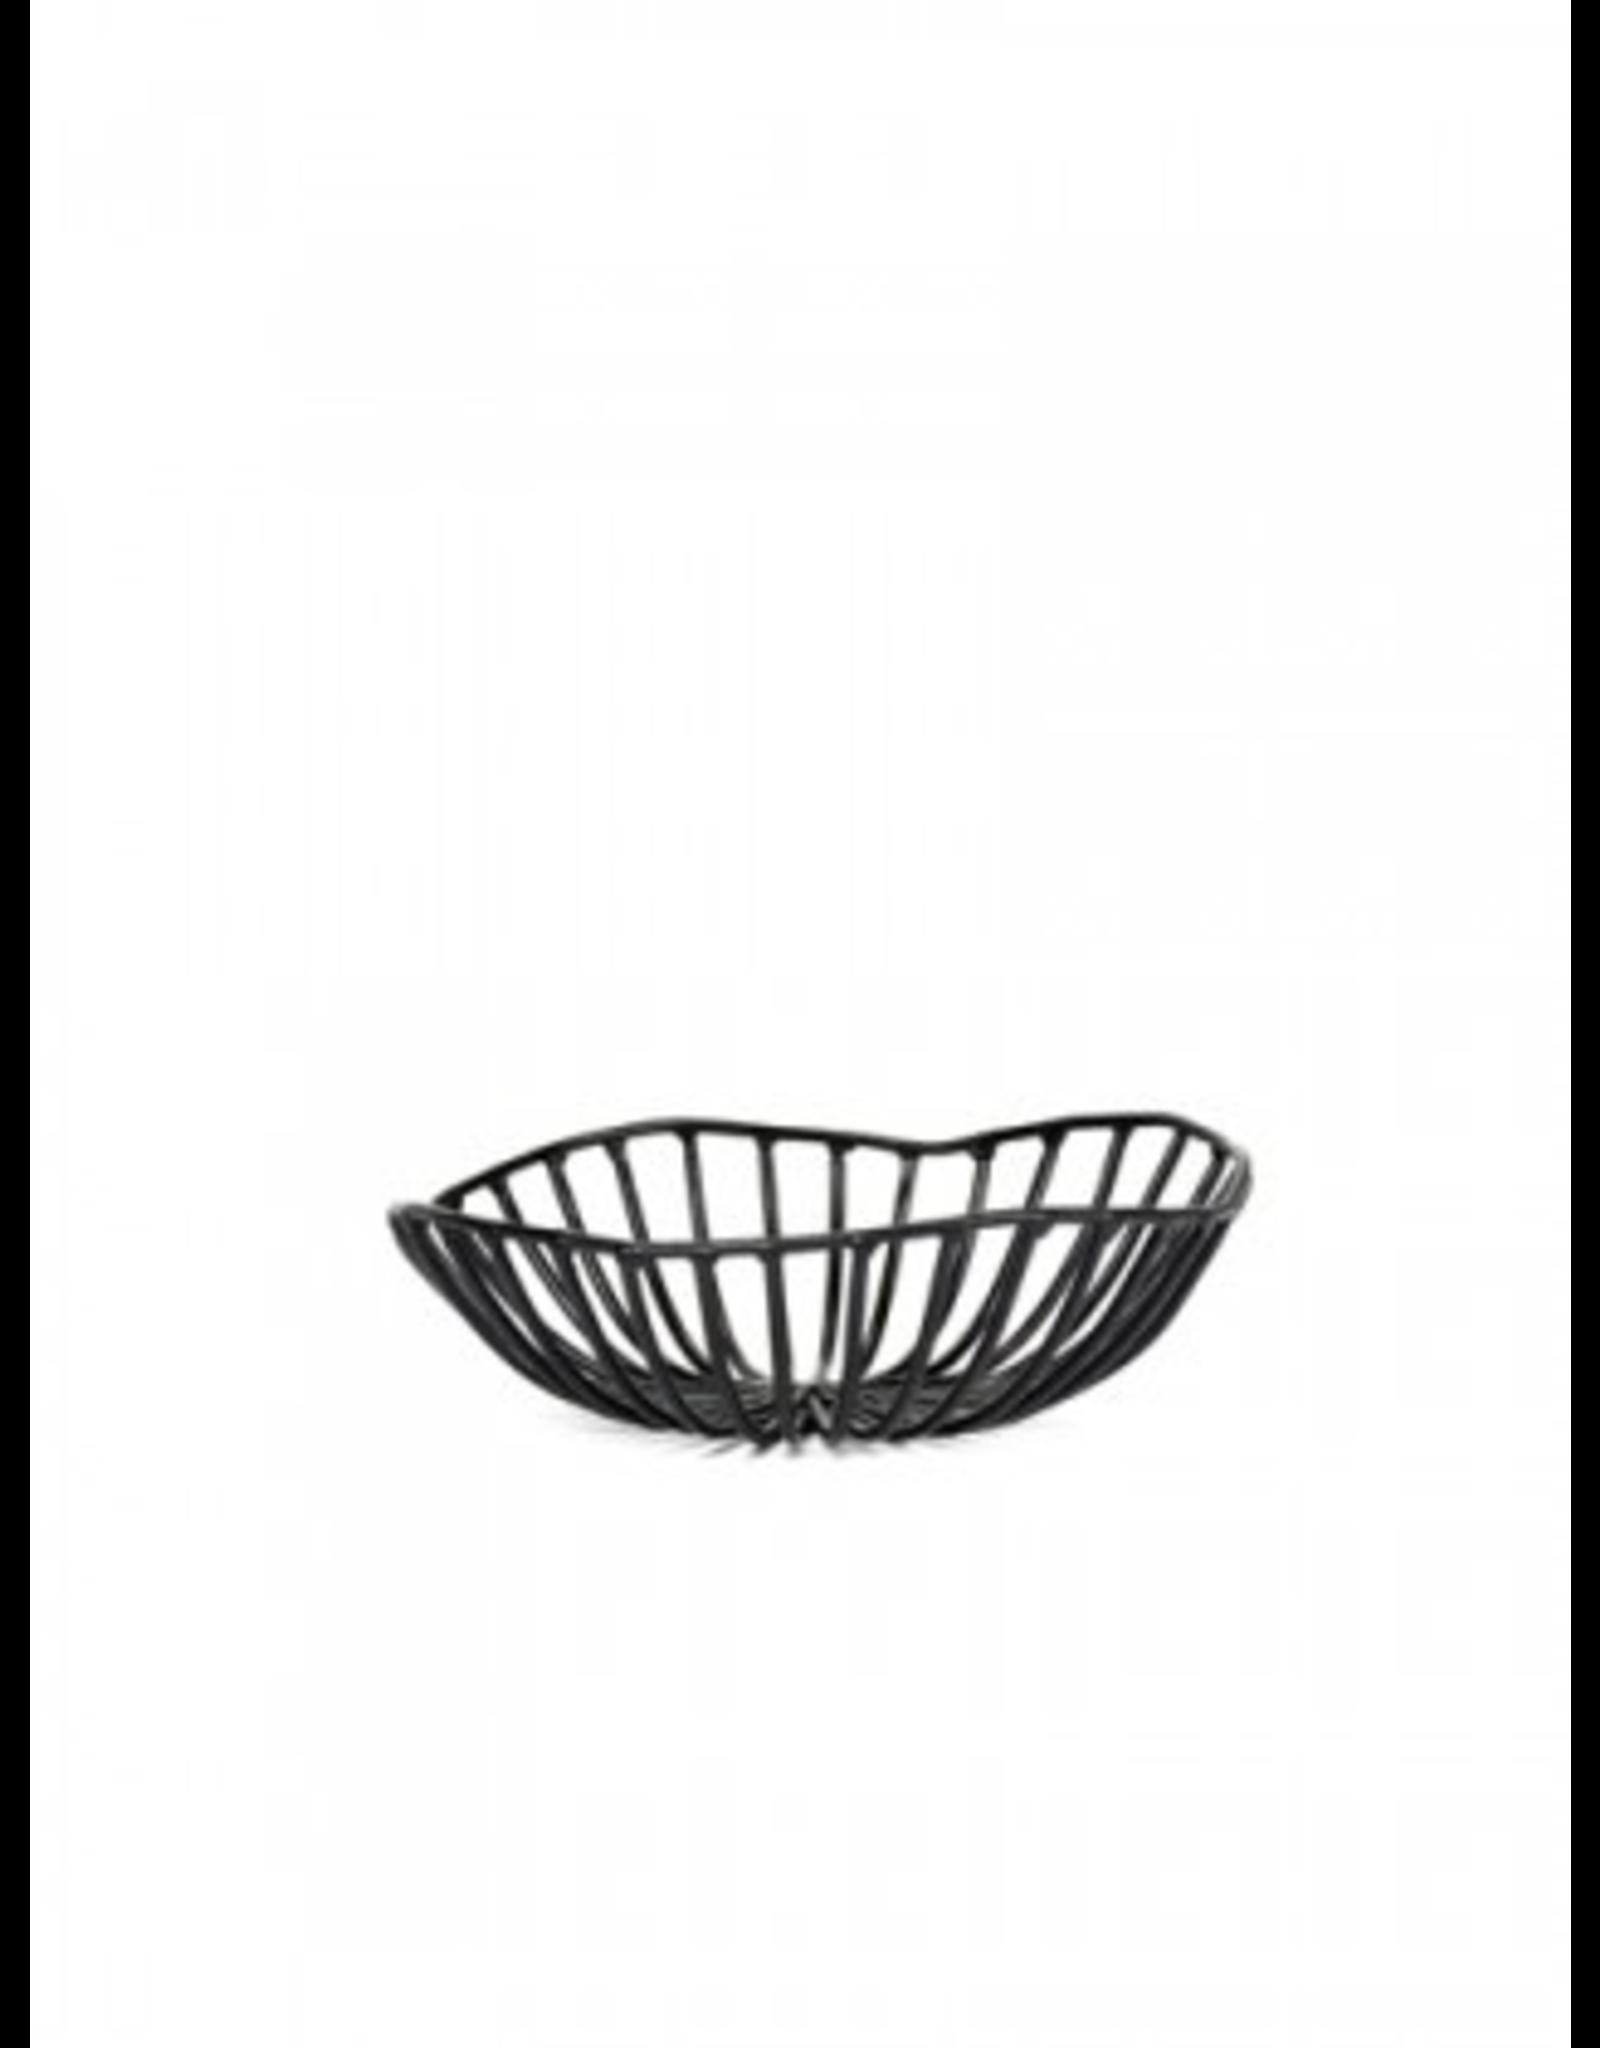 Serax NV BREAD BASKET CATU BLACK D15 H5